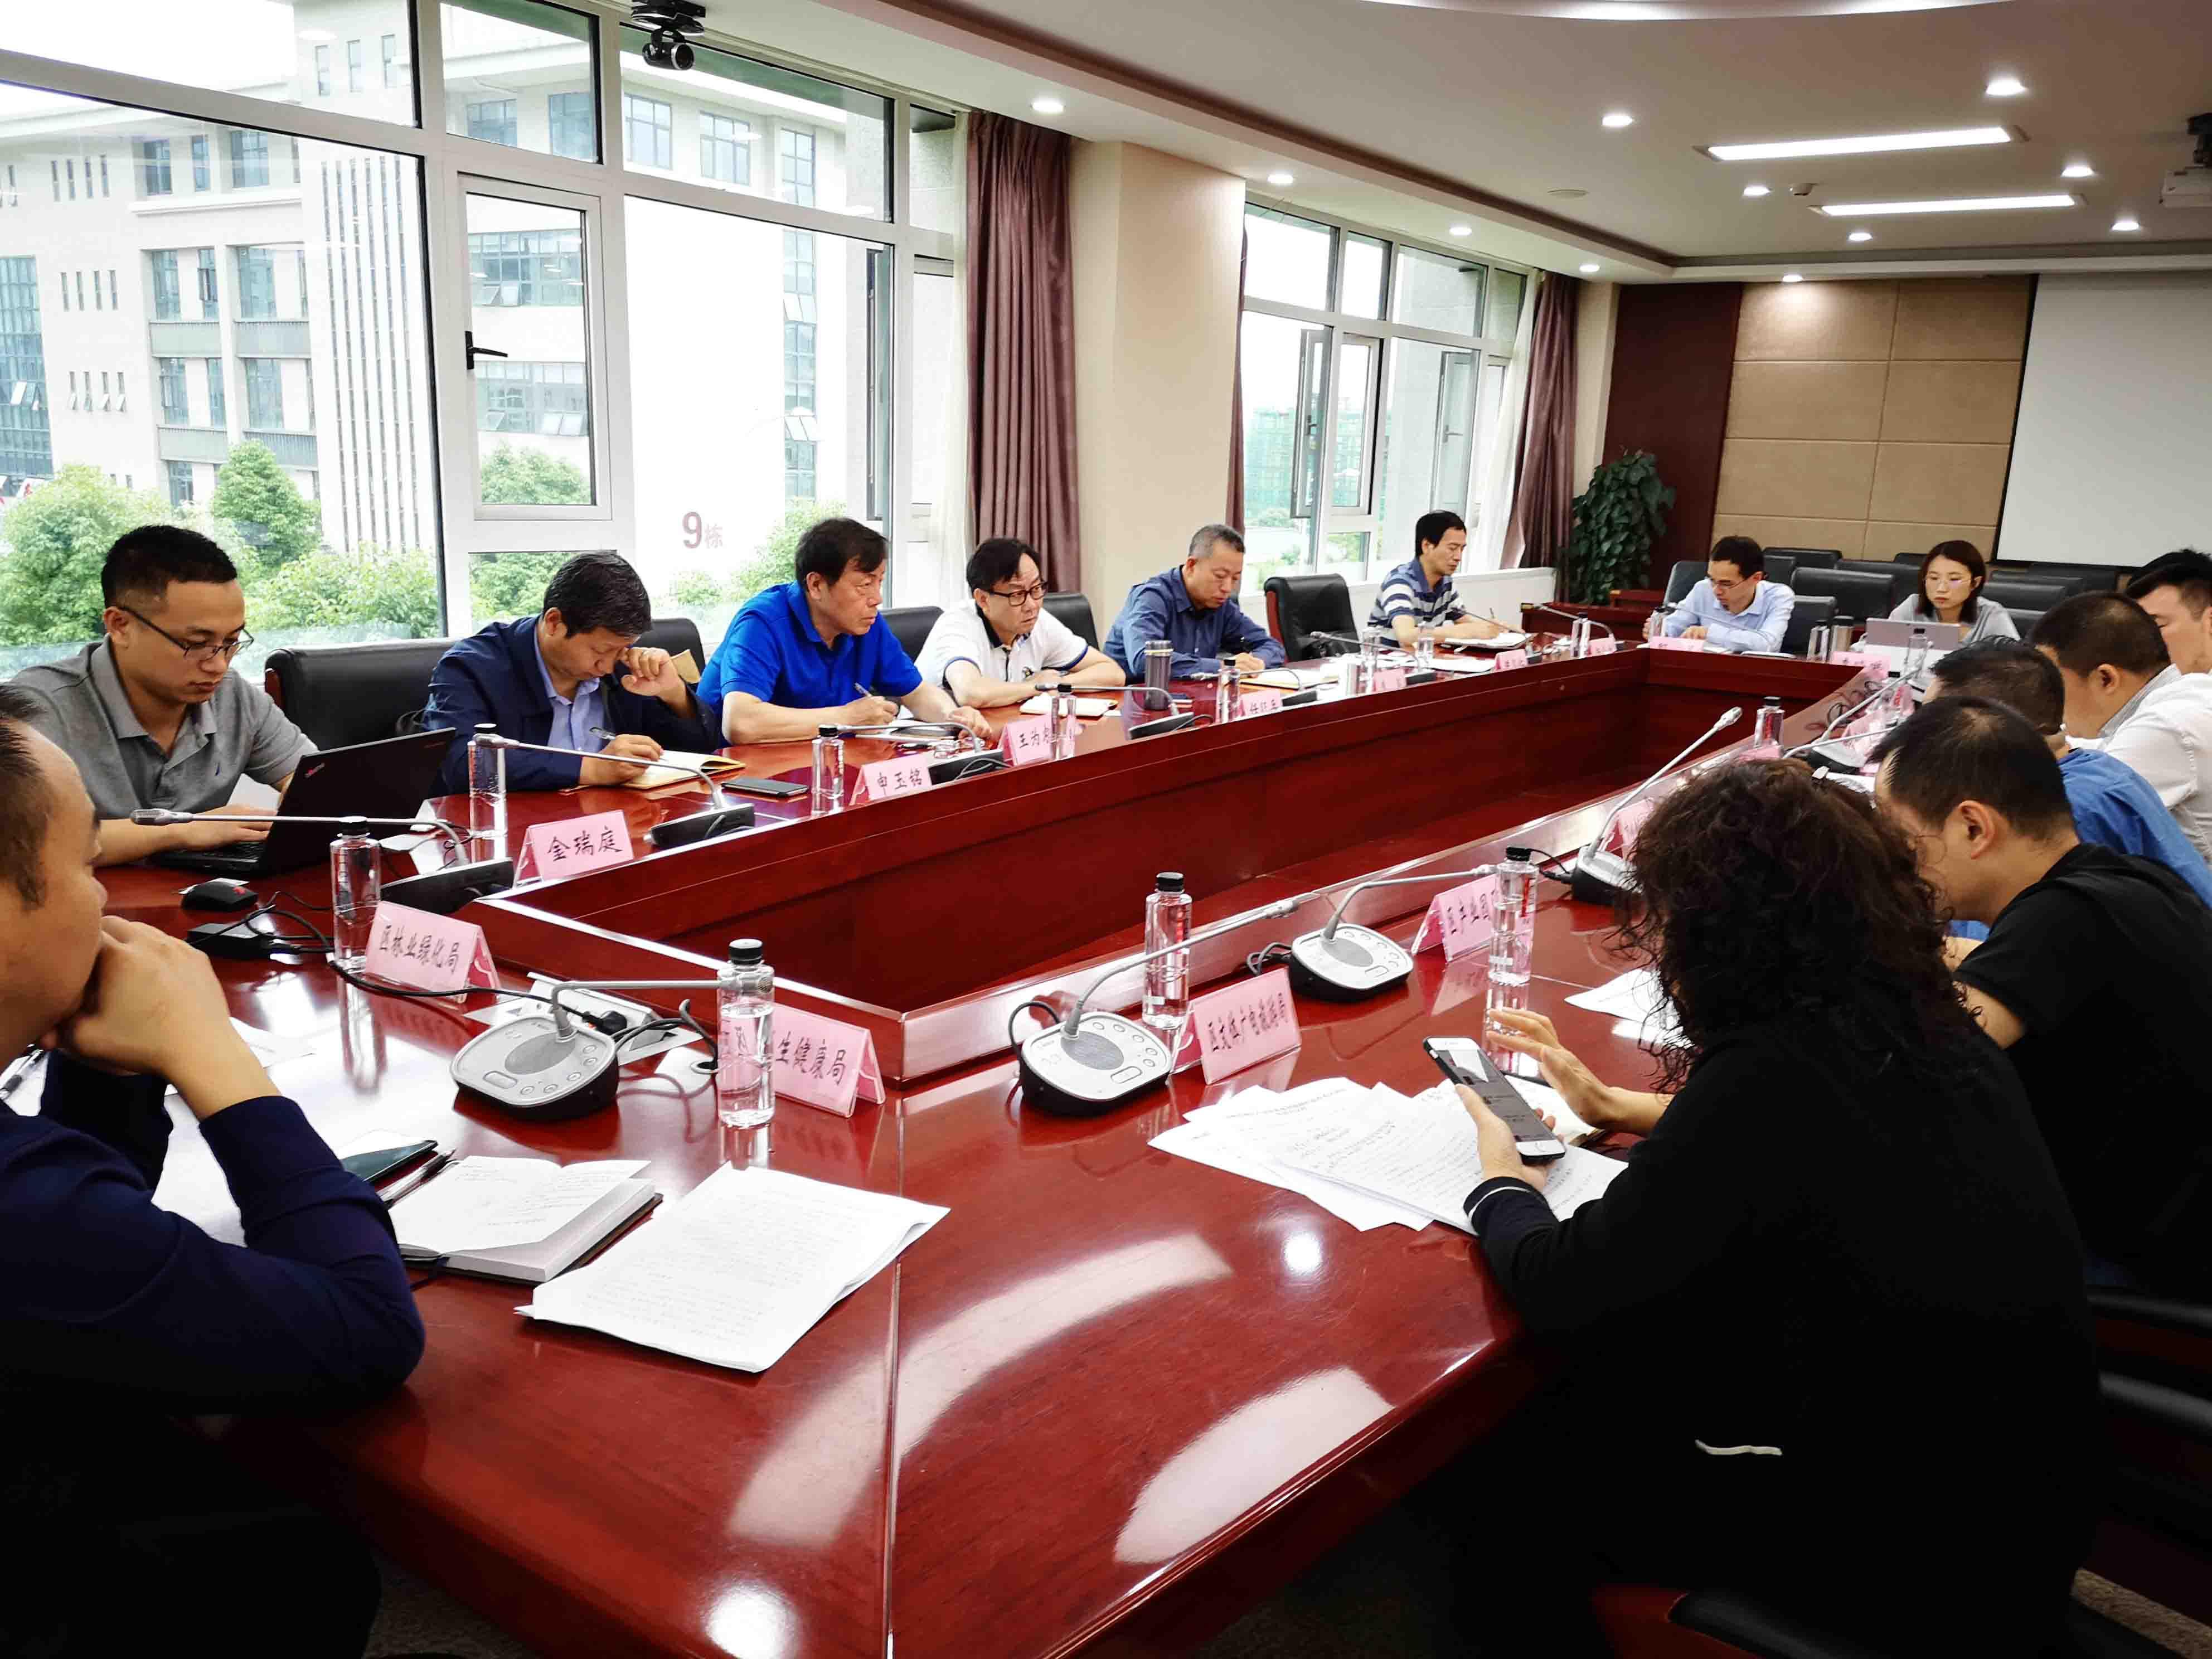 国家发改委宏观经济管理编辑部课题组深入贵州安顺调研